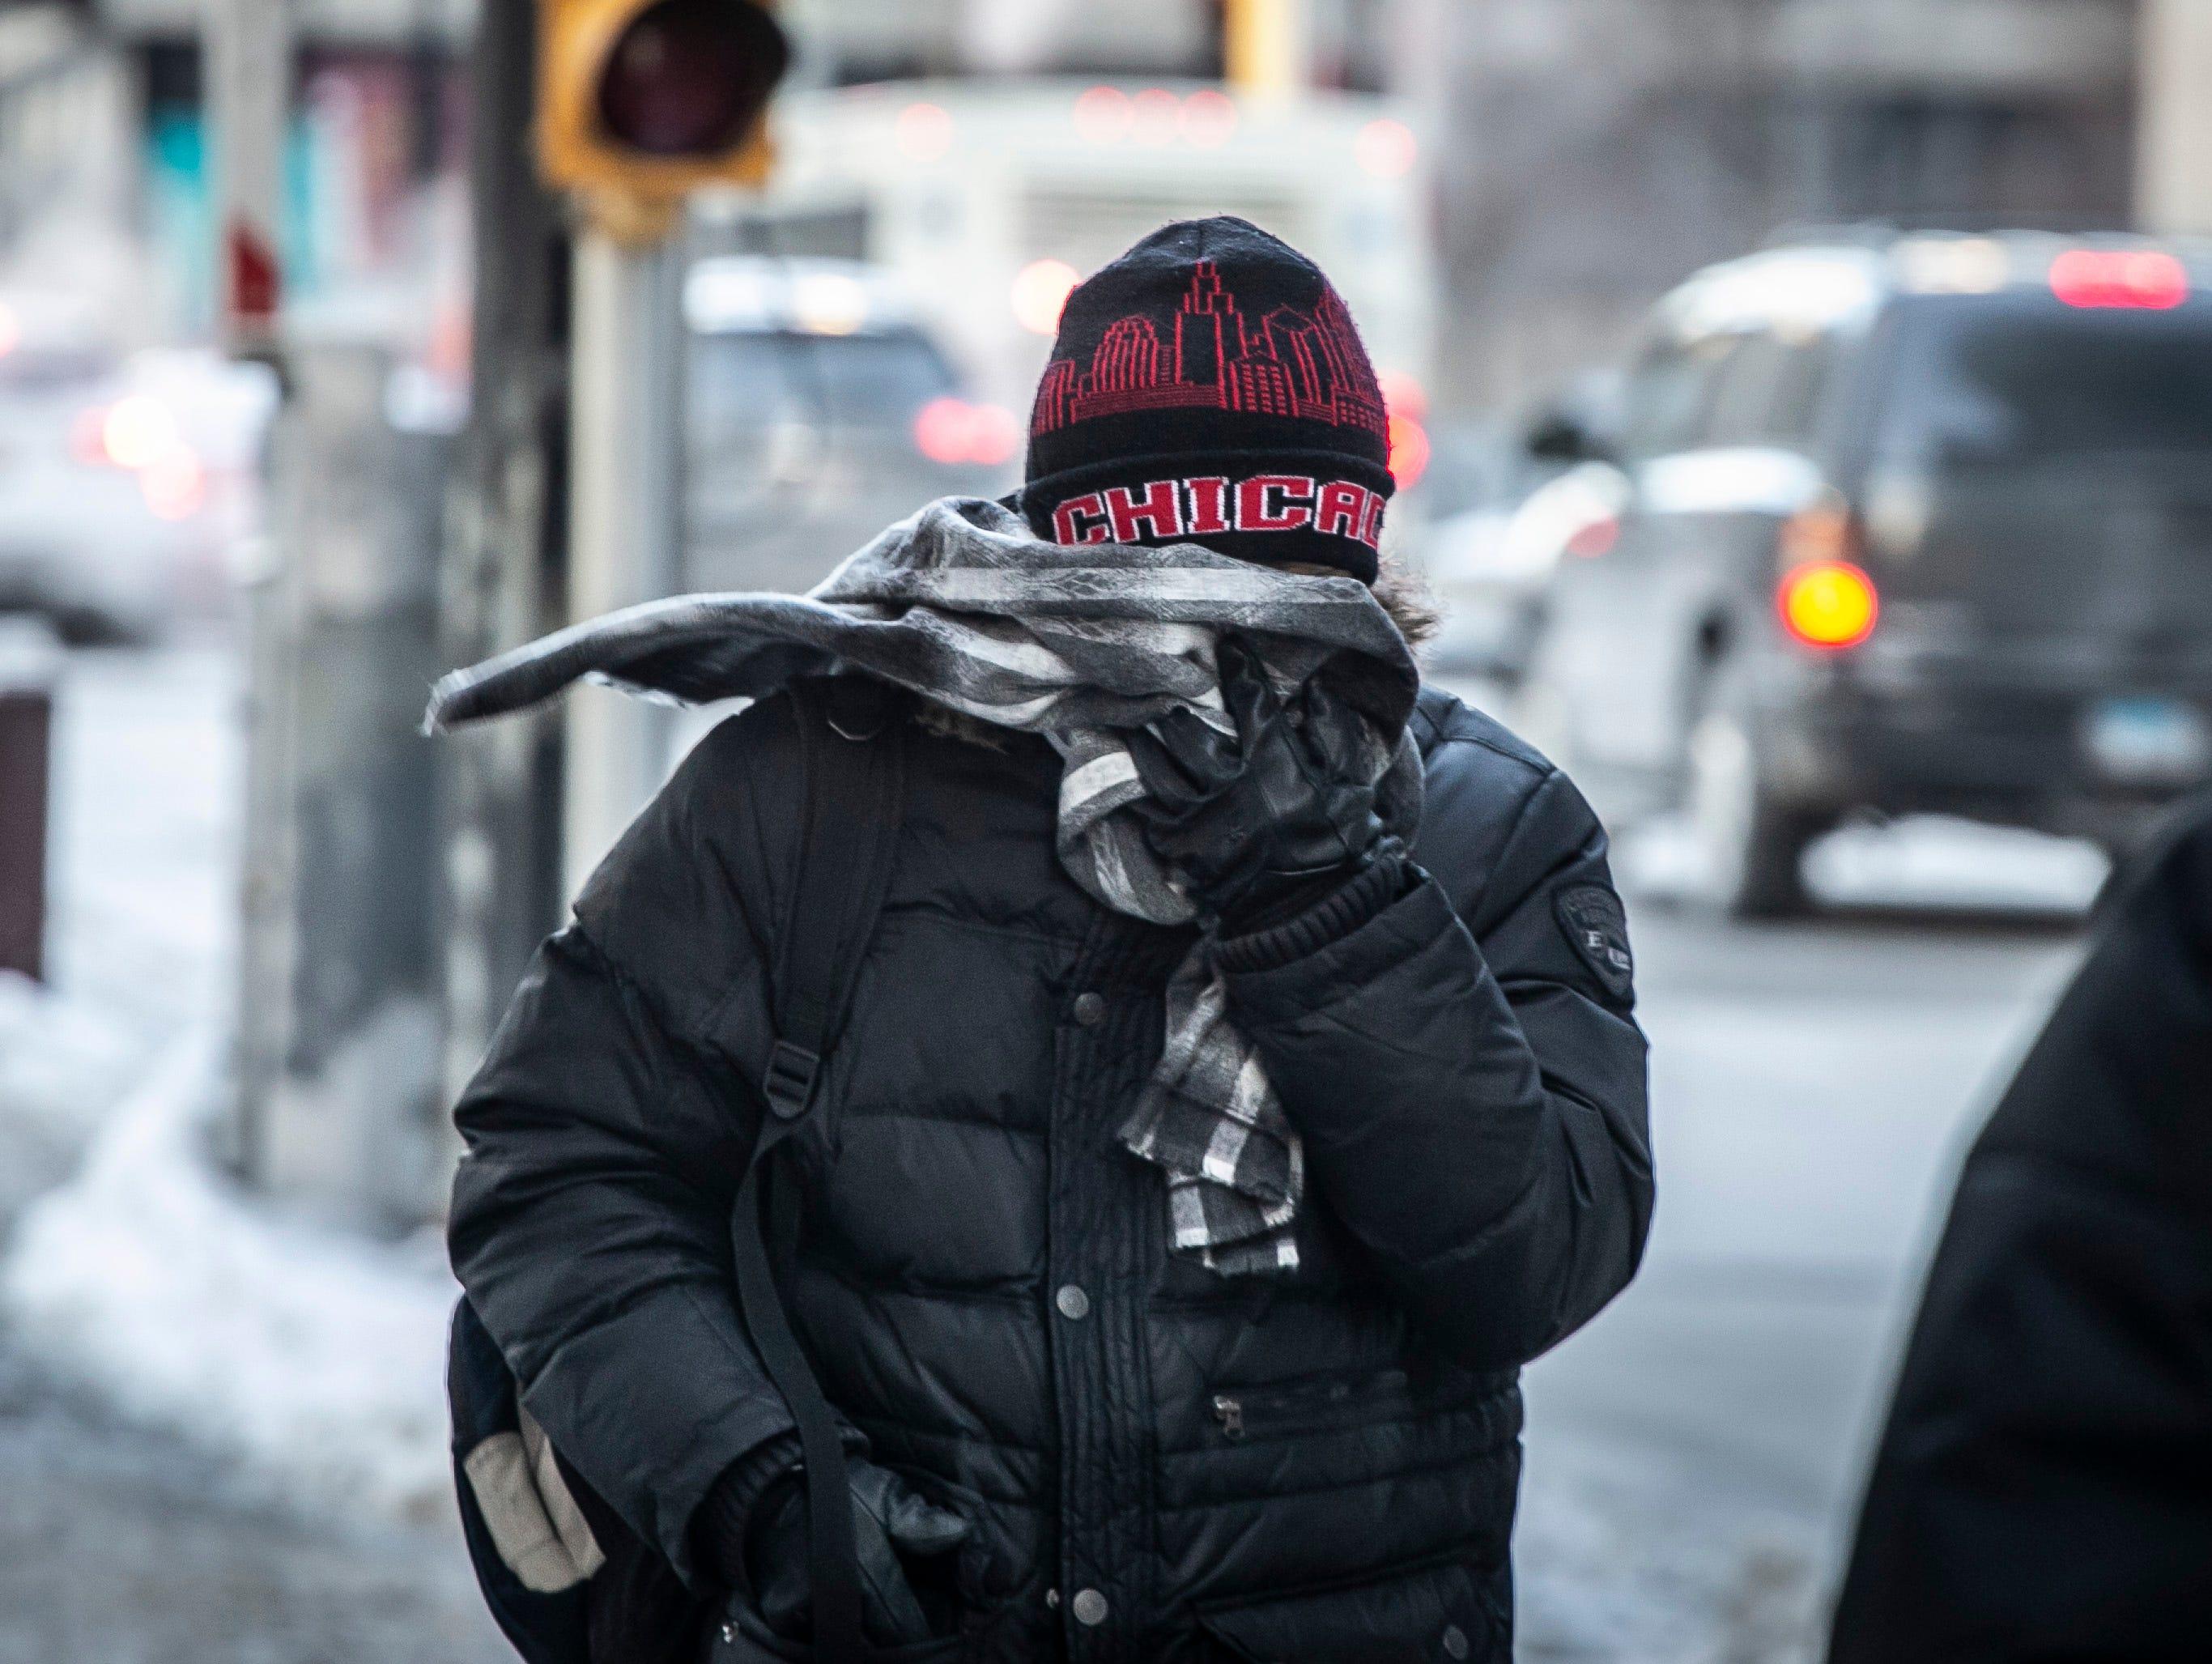 Un hombre se abre paso por las calles a bajas temperaturas registradas en Chicago el miércoles 30 de enero de 2019.